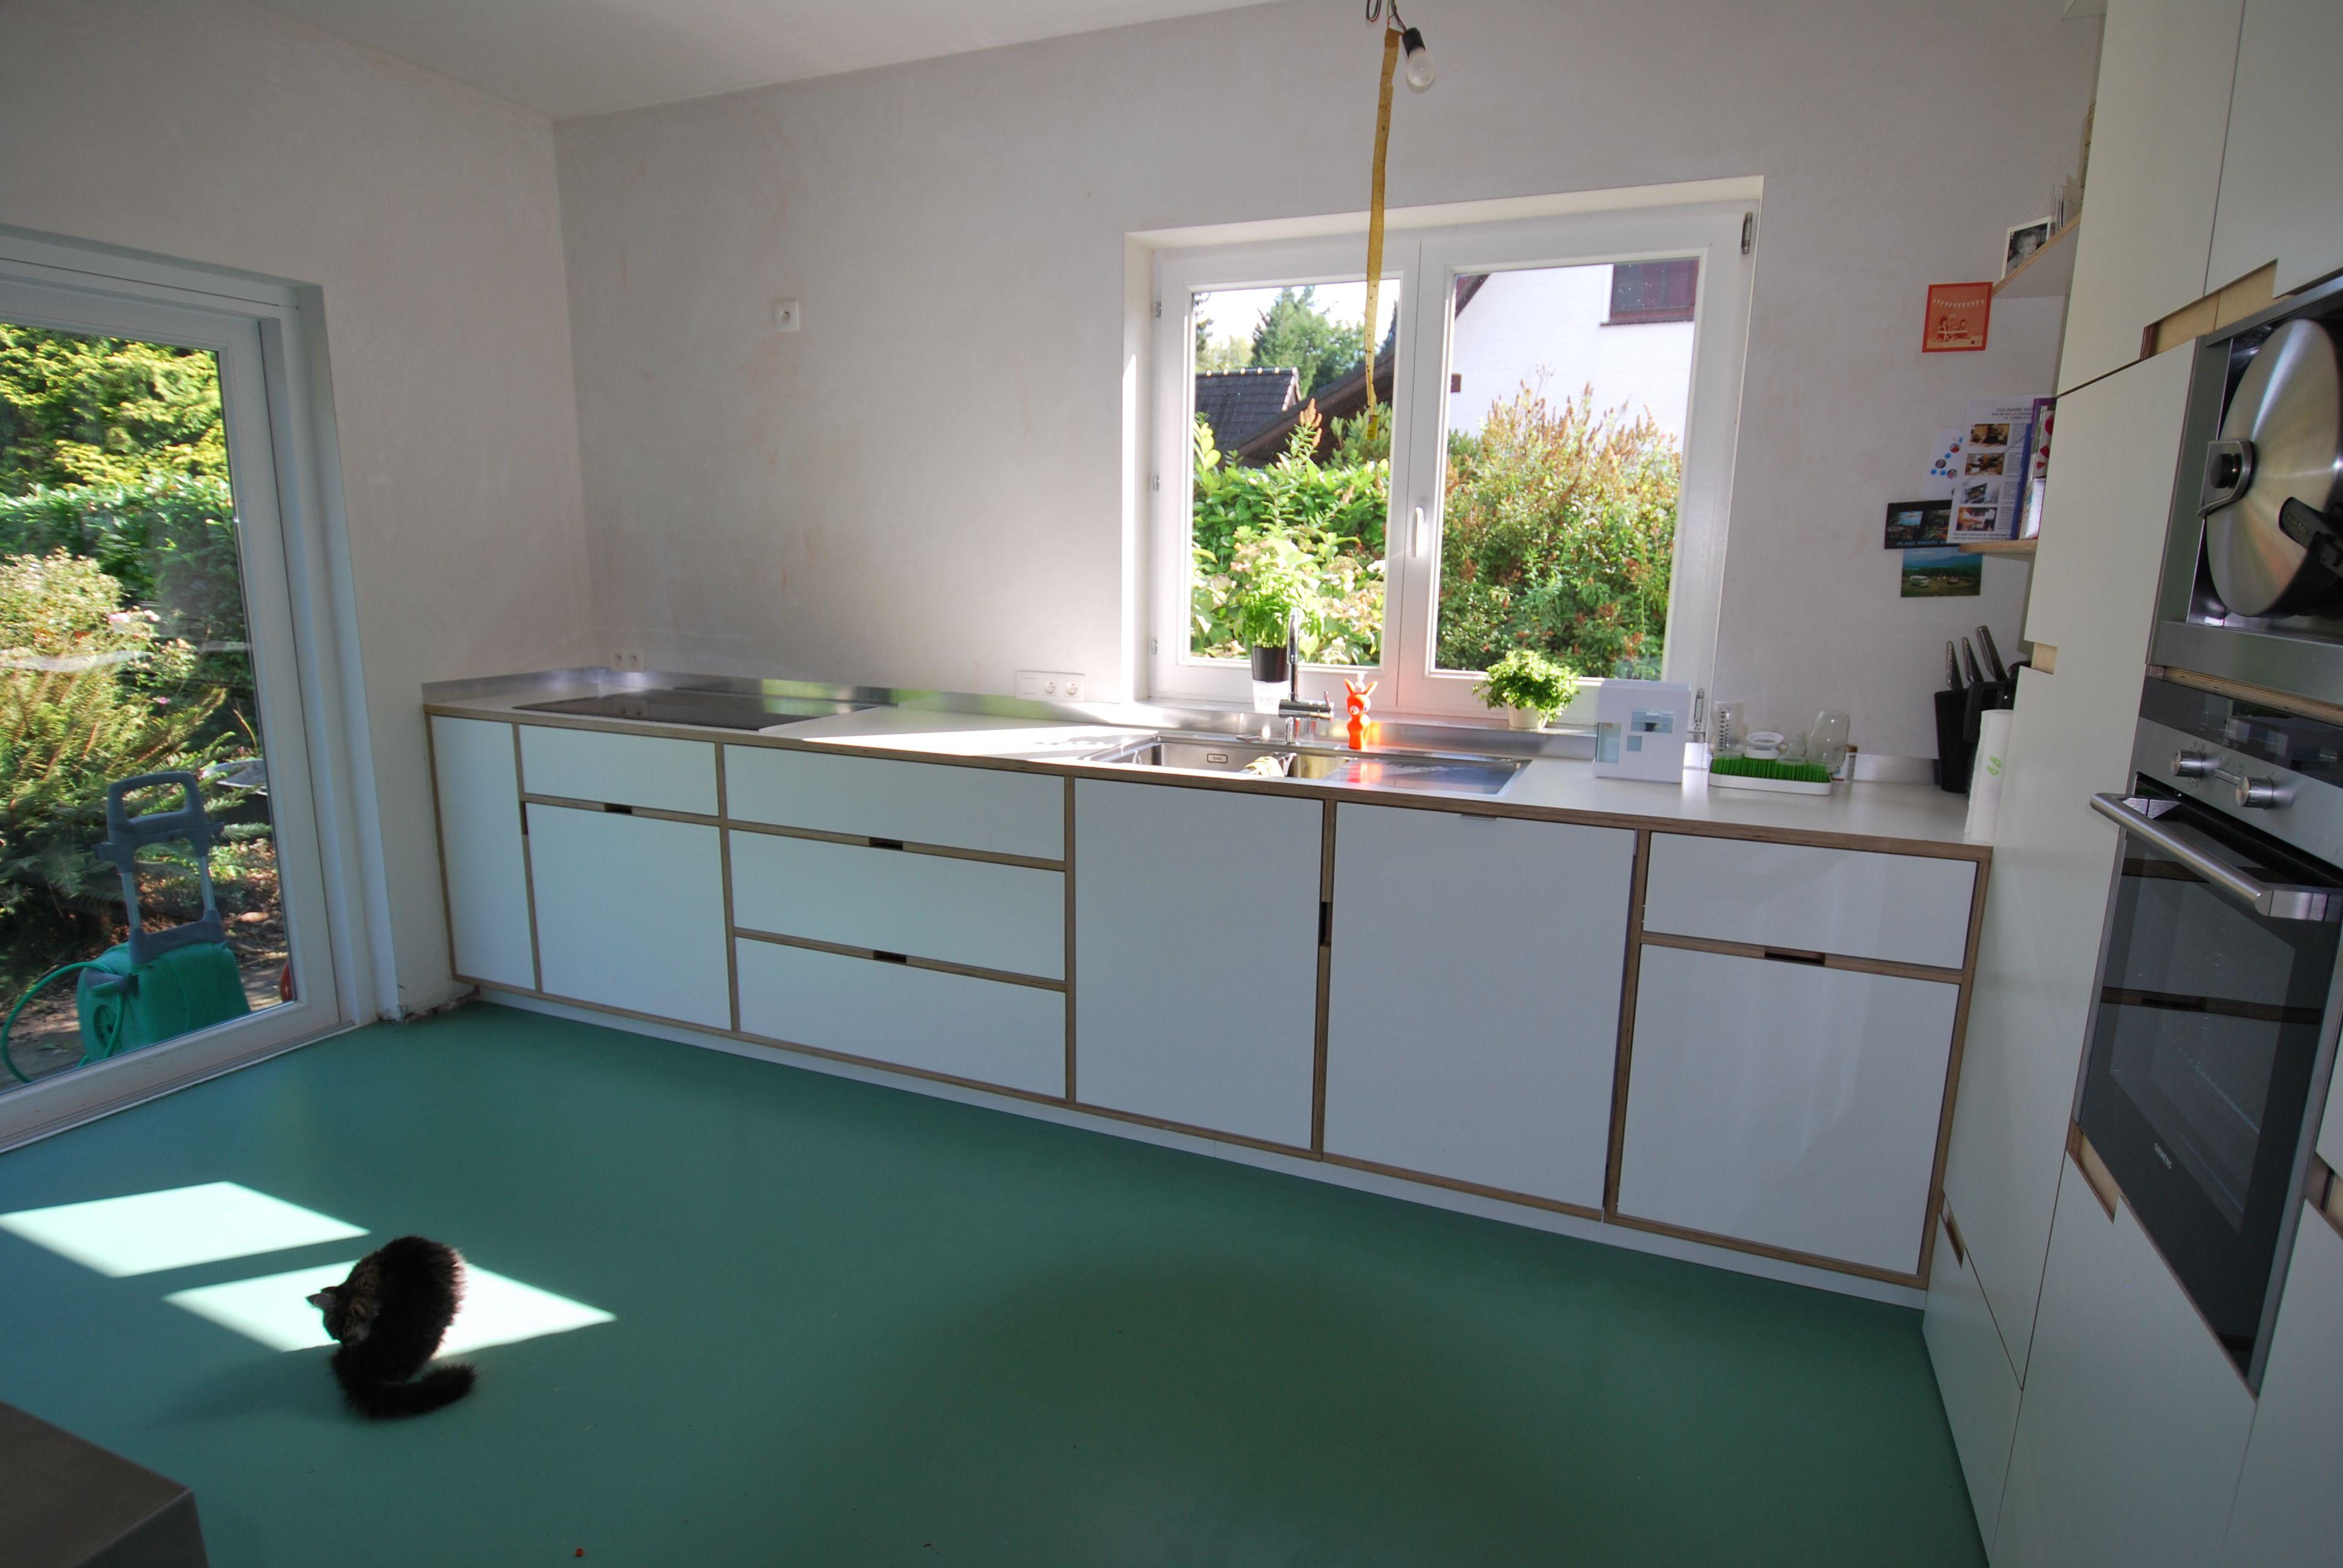 Witte Laminaat Keuken : Keuken in multiplex berk met witte laminaat van houtenmeubel